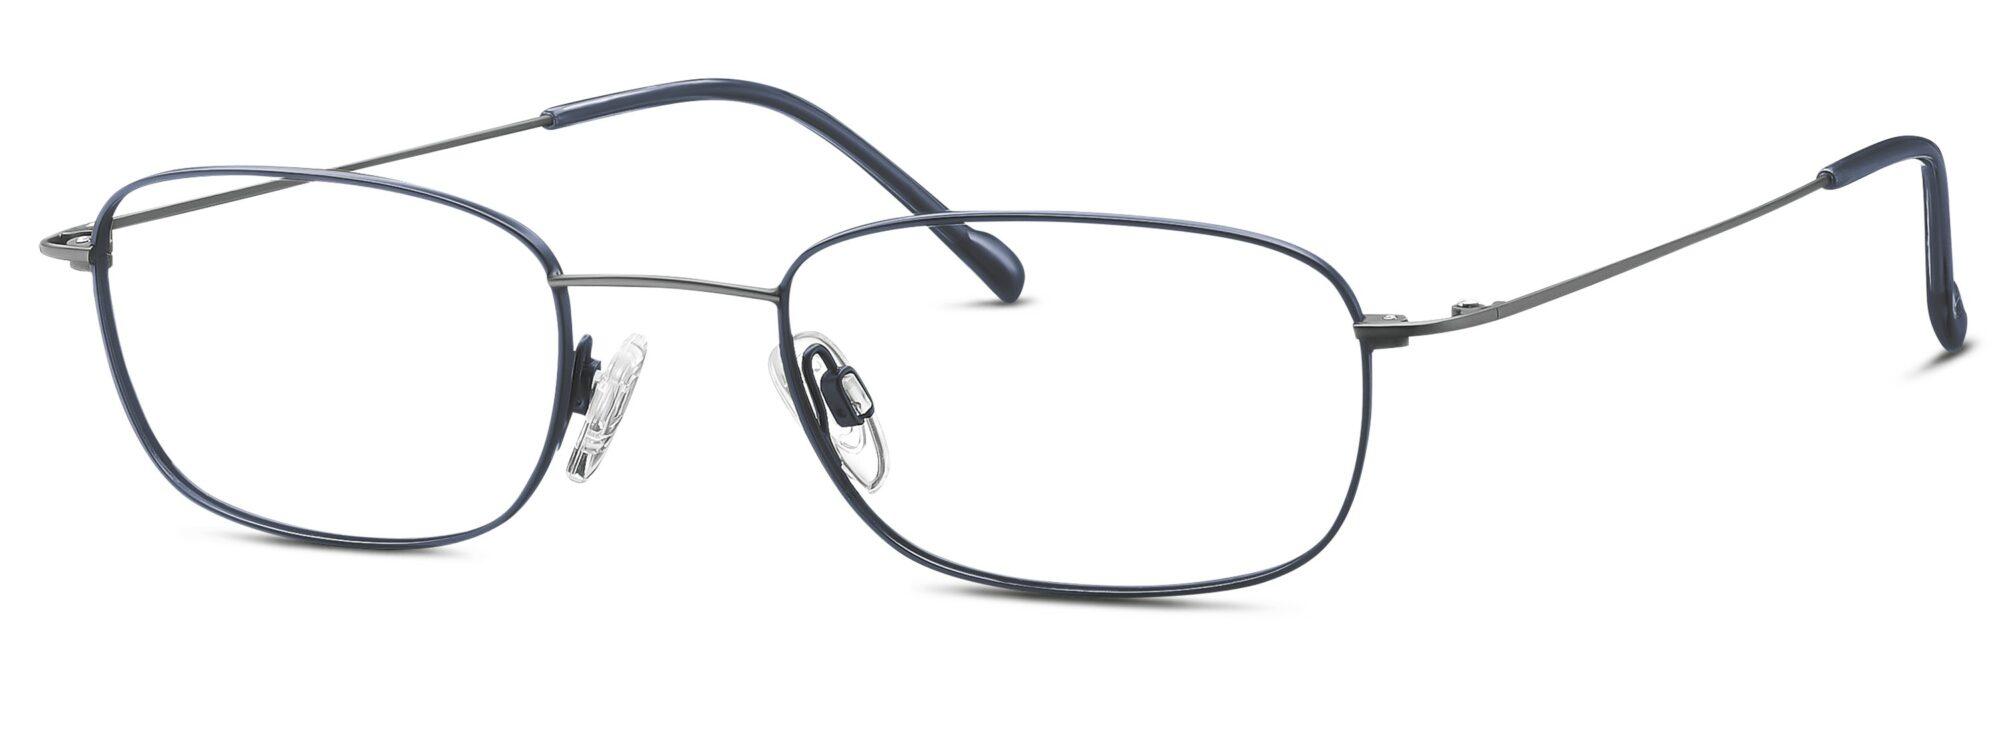 TITANFLEX - 820850-30